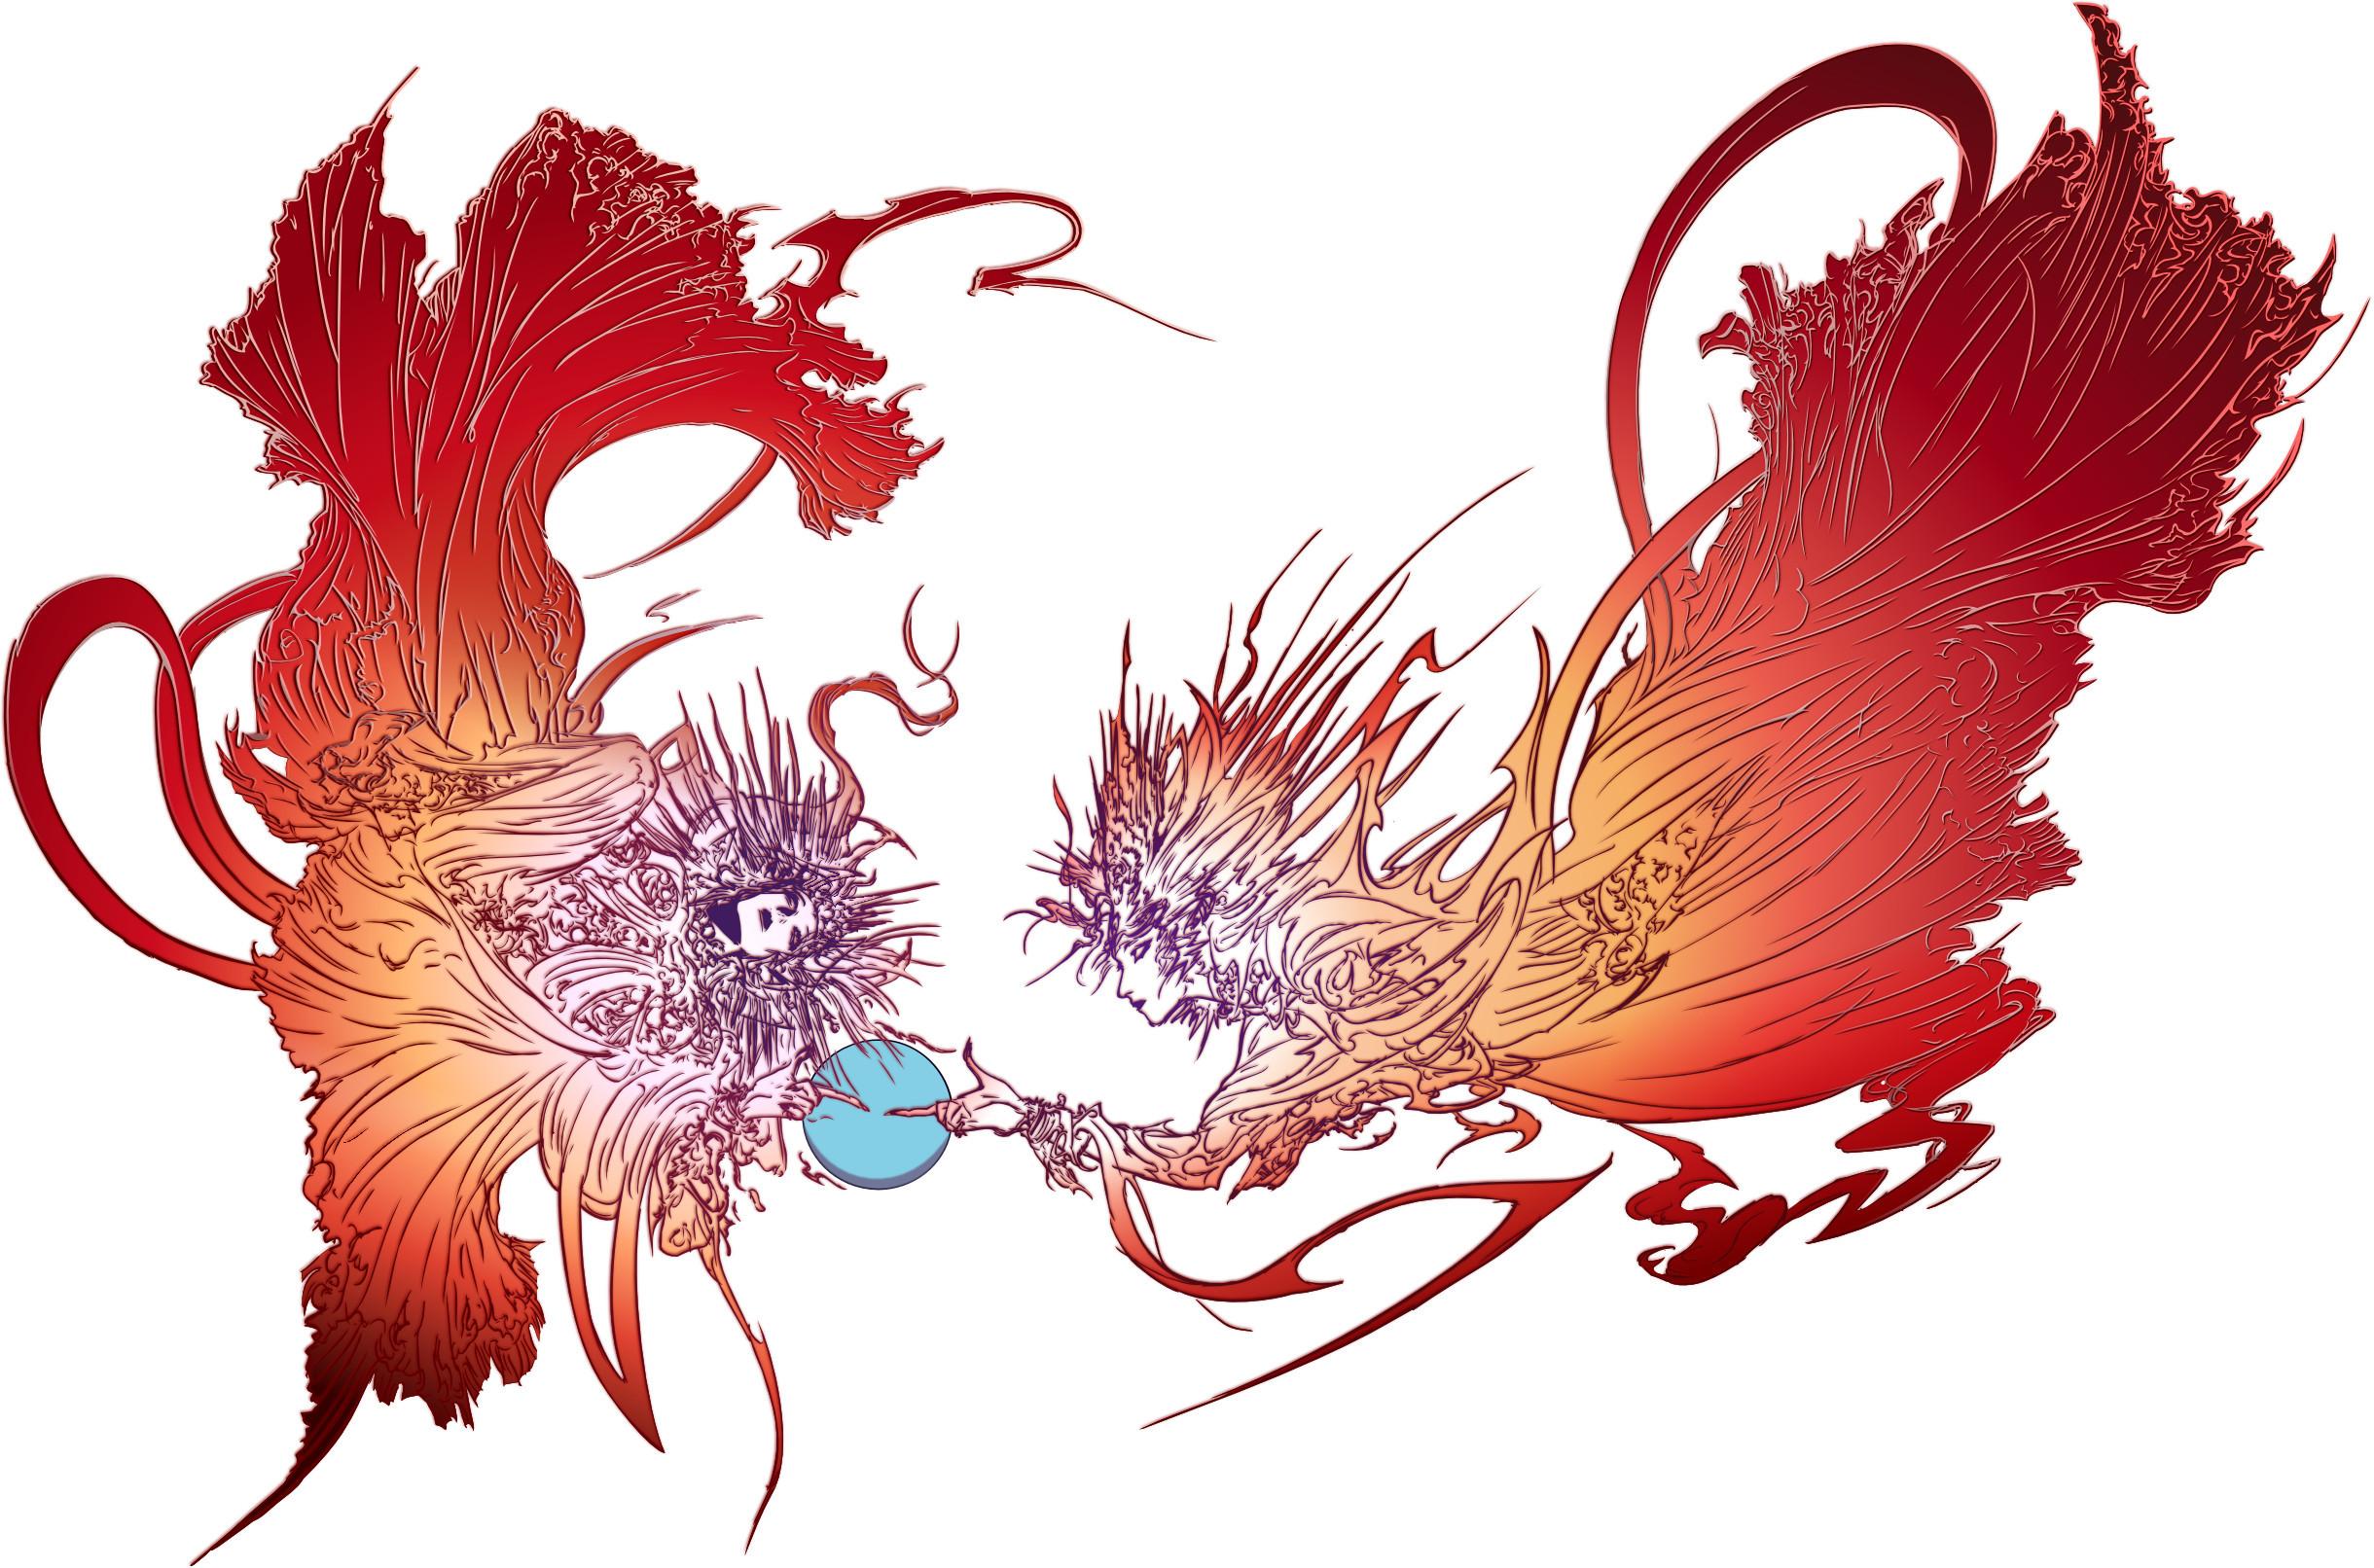 Res: 2440x1612, yoshitaka-amano-wallpaper--images-WTG40014124